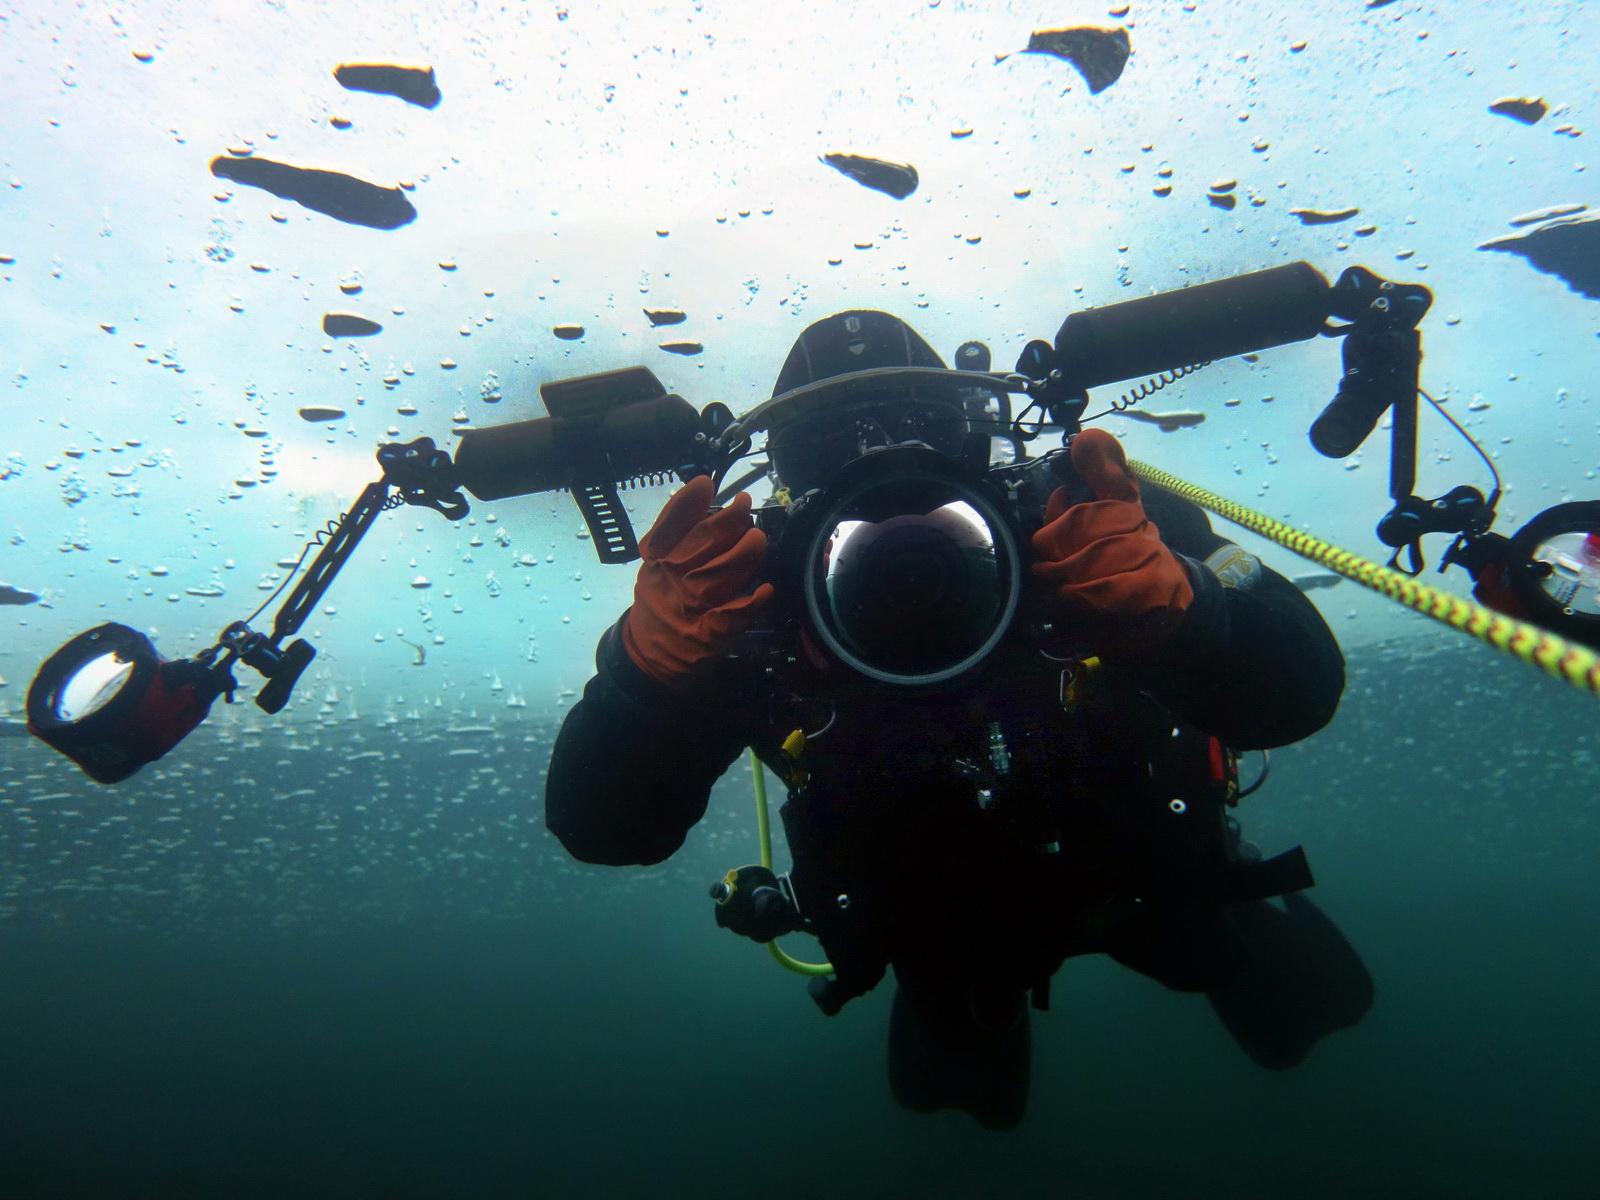 Taucher mit seiner Unterwasserkamera beim Eistauchen